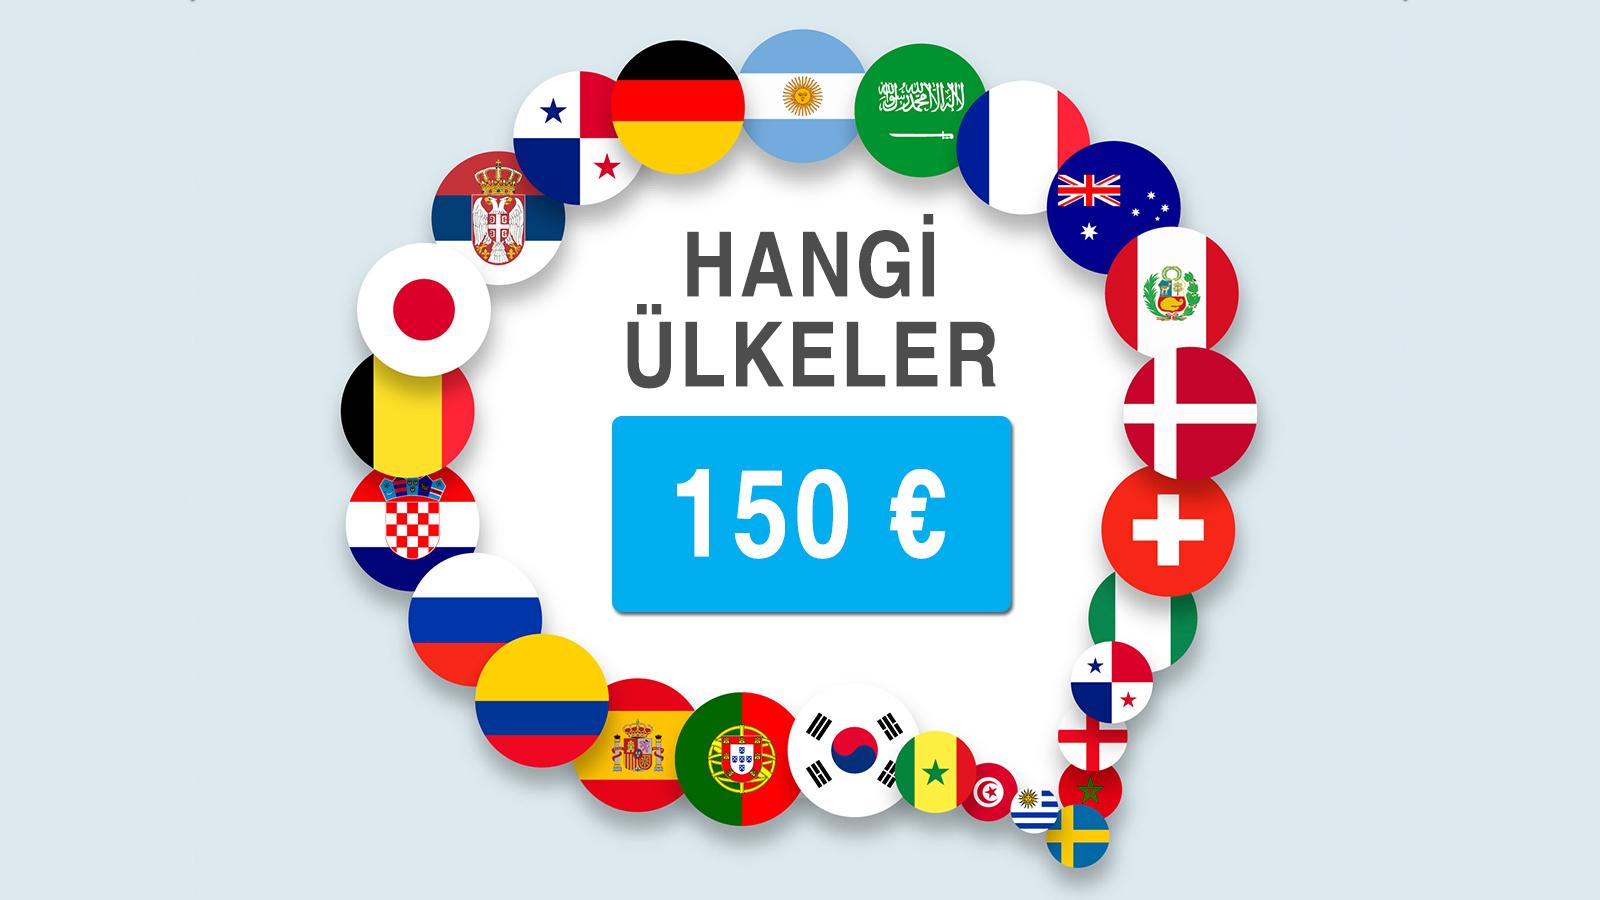 Hangi Ülkeler 150 € ?